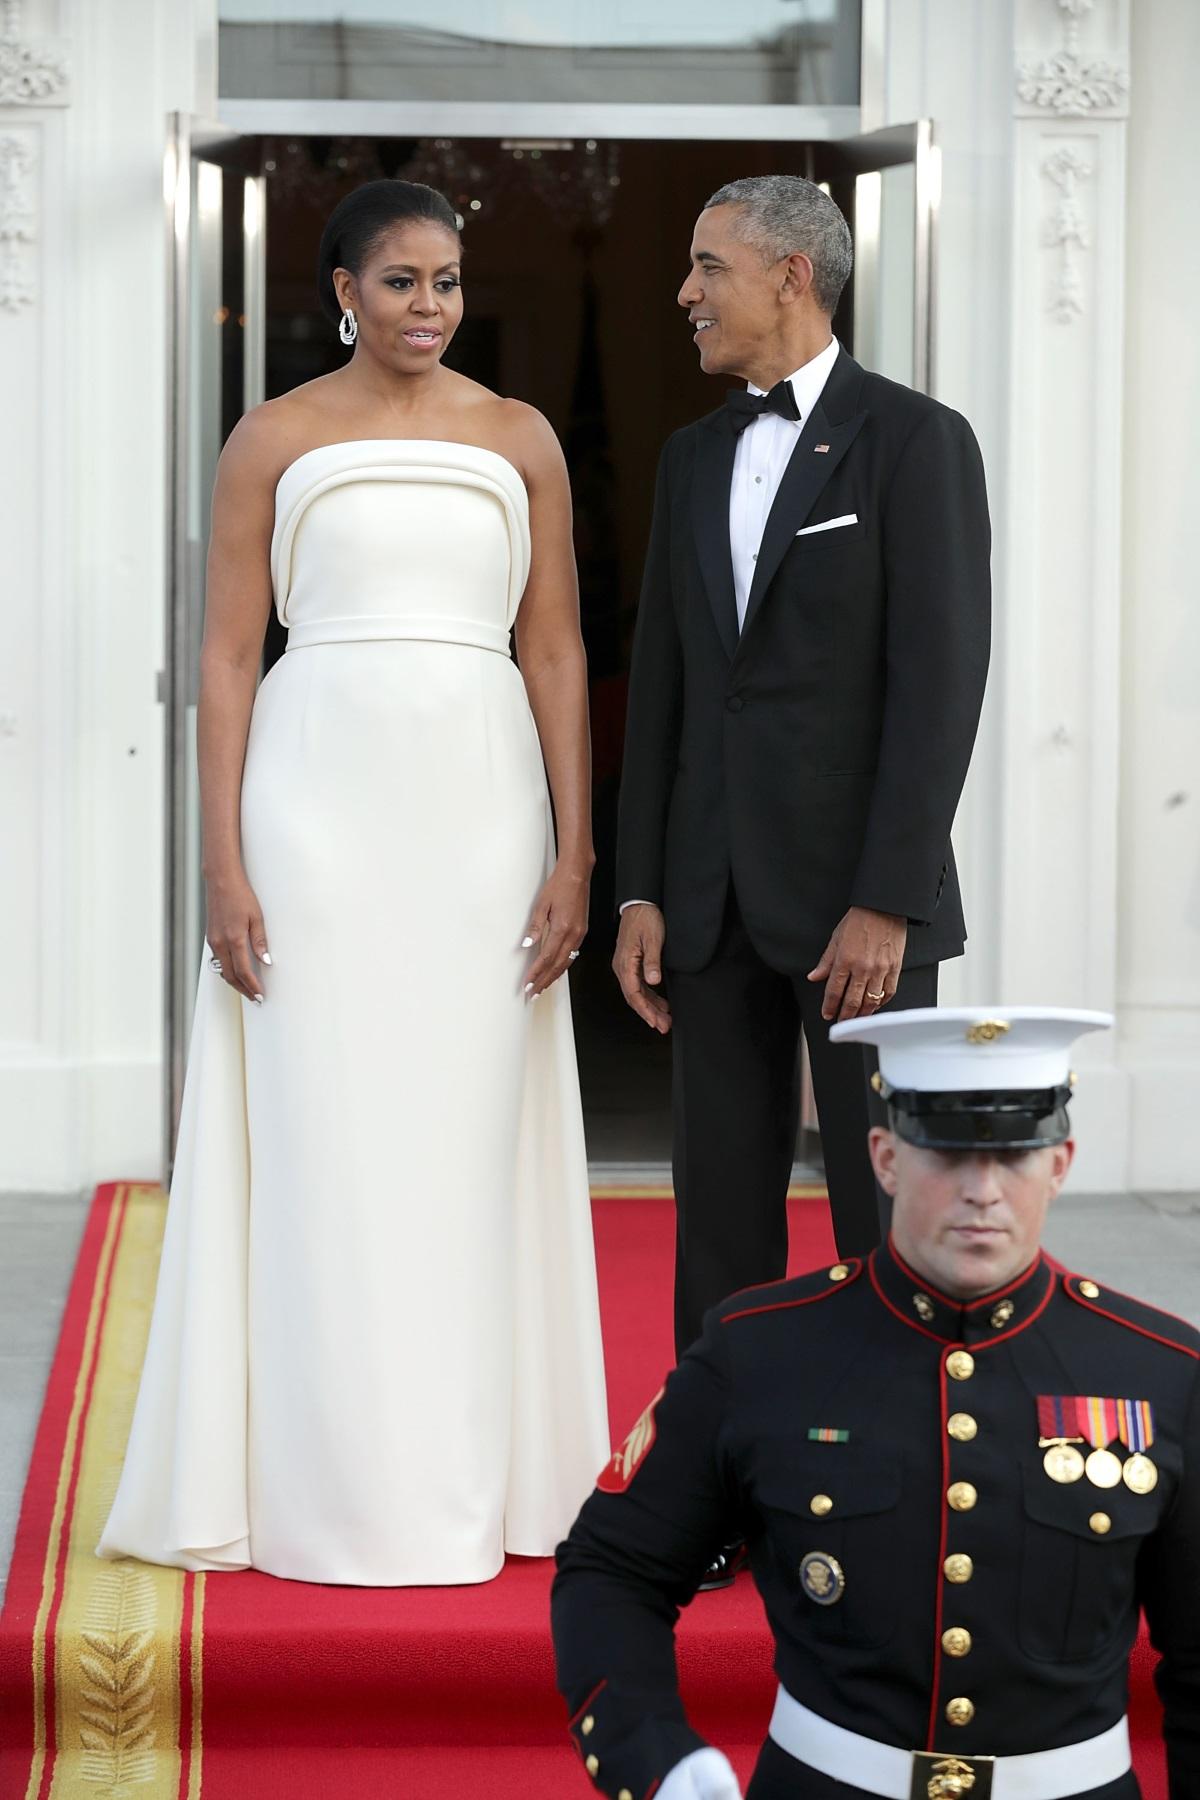 През 8-те години, докато бе президент на САЩ, Барак Обама носел един и същ смокинг на тържествени събития. Това разкри съпругата му Мишел Обама. Тя разказа, че докато фотографи и критици от света на модата фокусирали вниманието си върху носените от нея бижута и аксесоари на тържествени събития, никой не забелязвал, че държавният глава винаги се появявал облечен в един и същ смокинг.